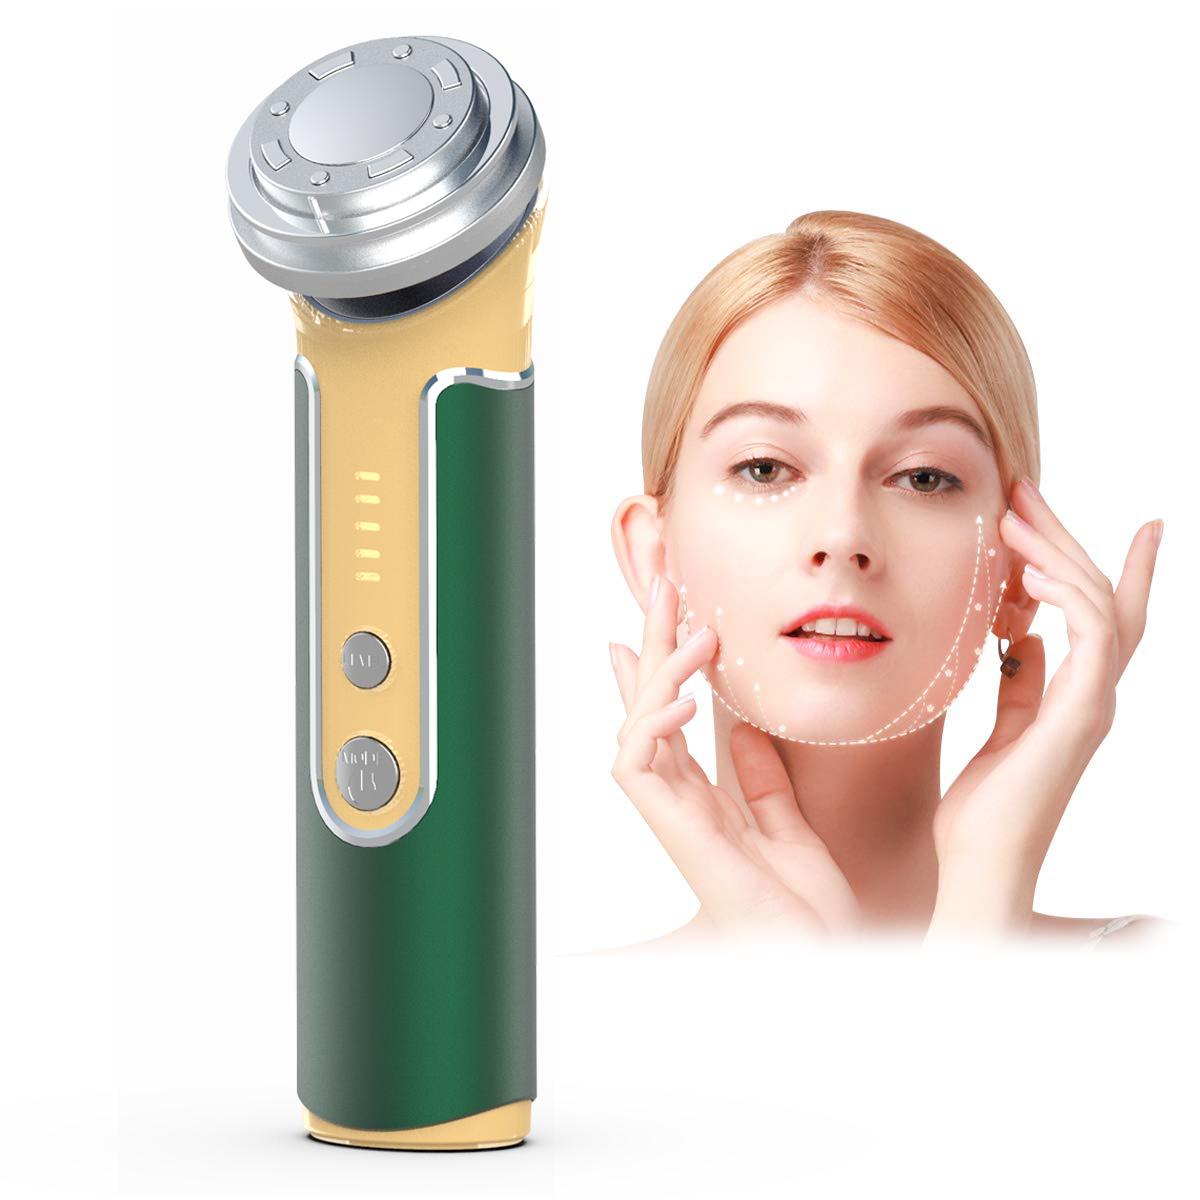 Beste multifunktionale Ultraschall-Vibrations-Tiefenreinigungs-Schönheitsausrüstung